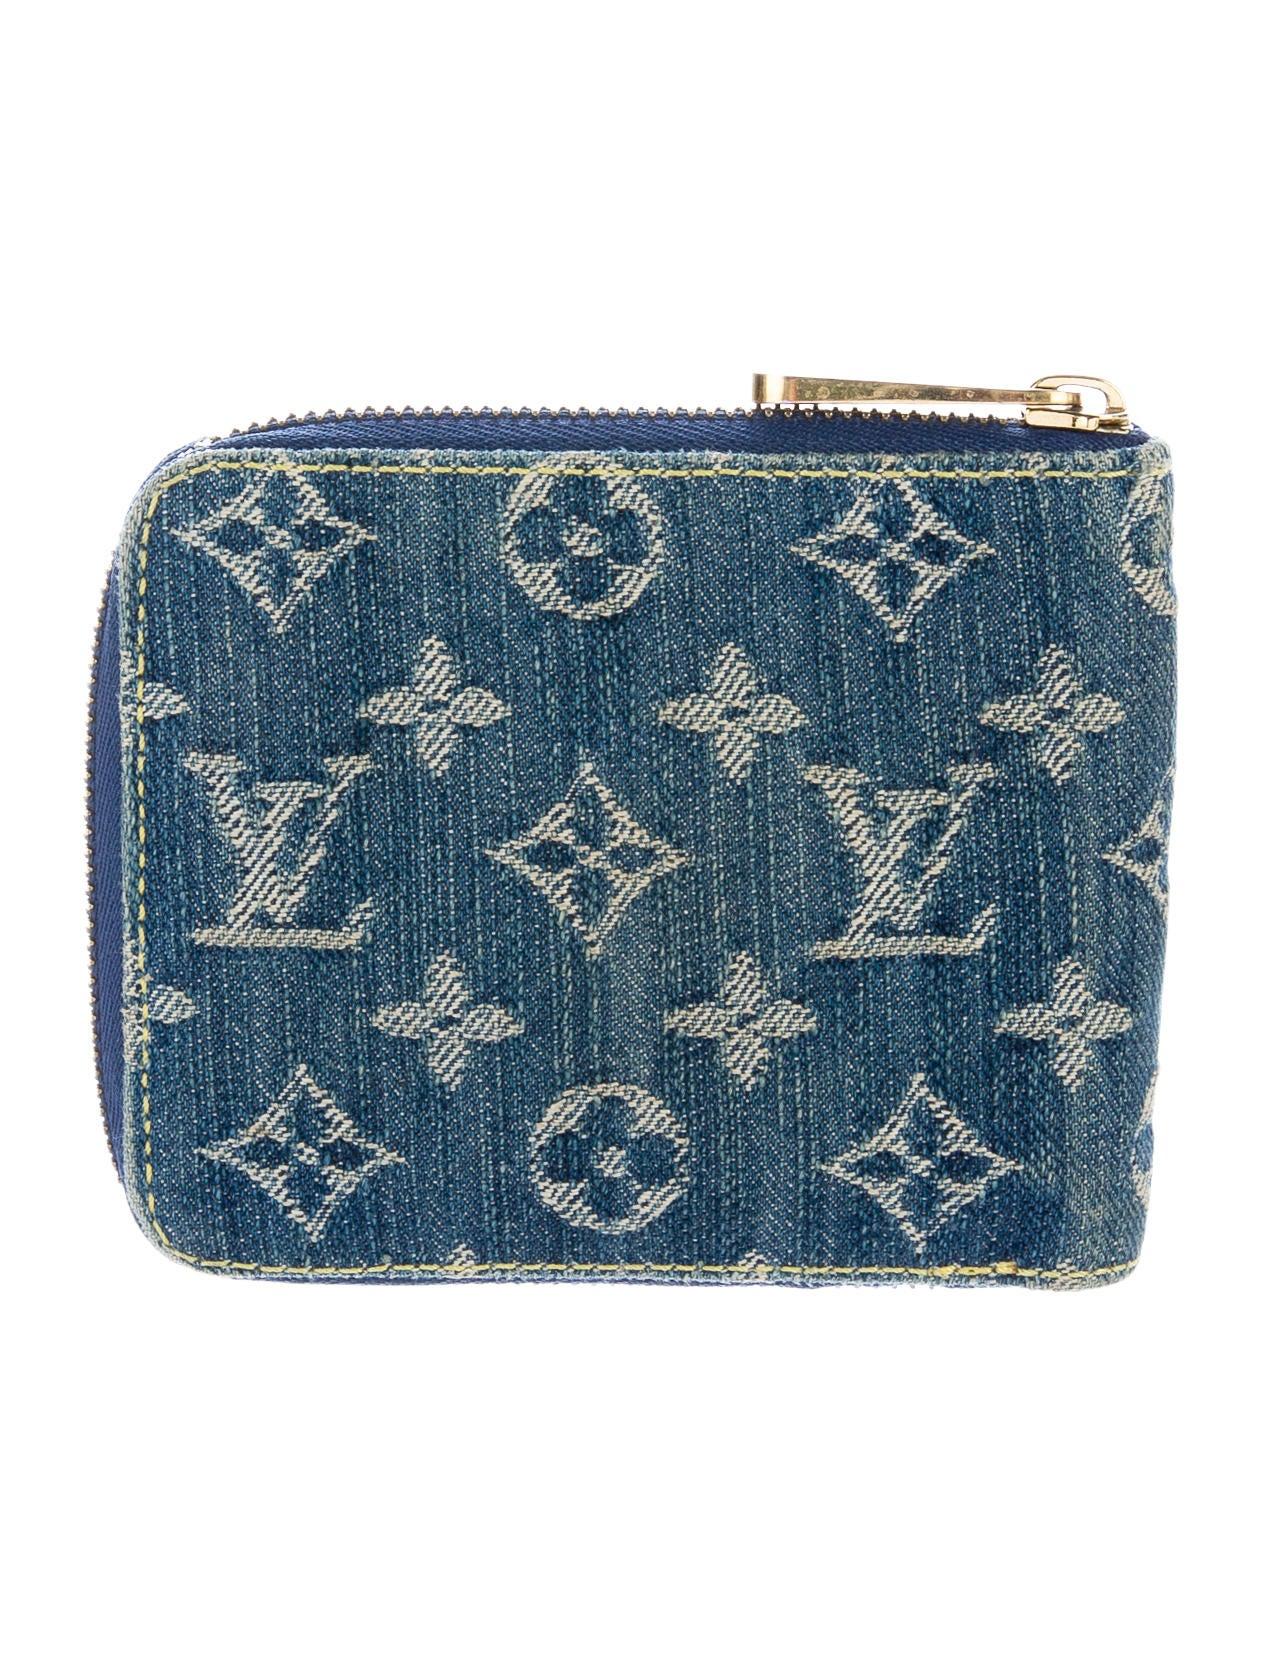 Louis Vuitton Denim Compact Zip Wallet Accessories